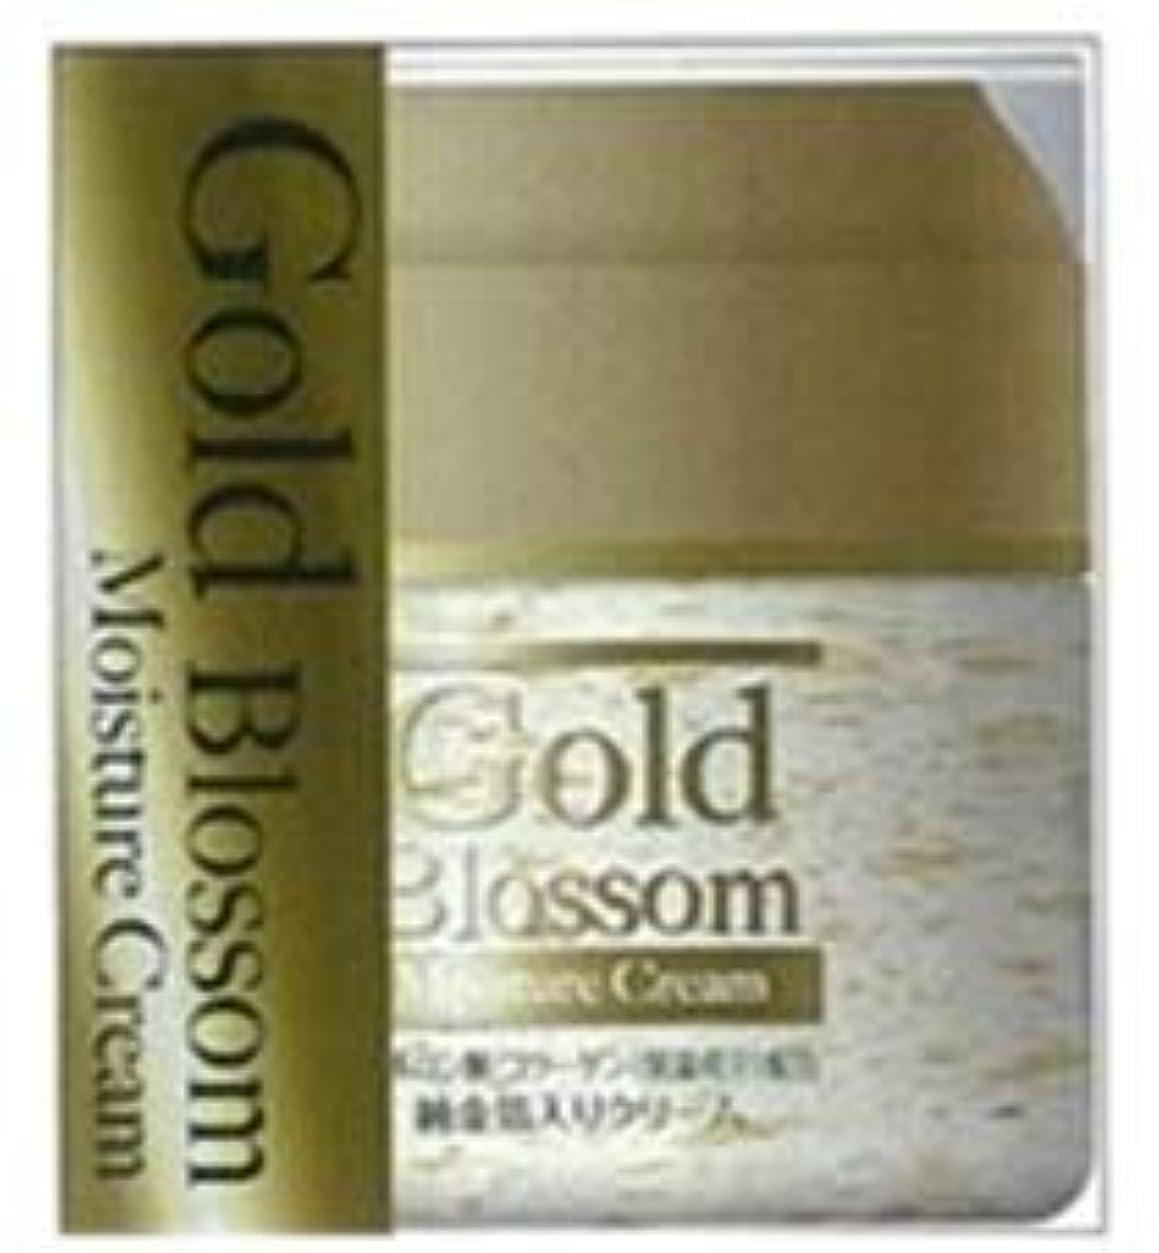 修道院買う水分Gold Blossom 保湿クリーム